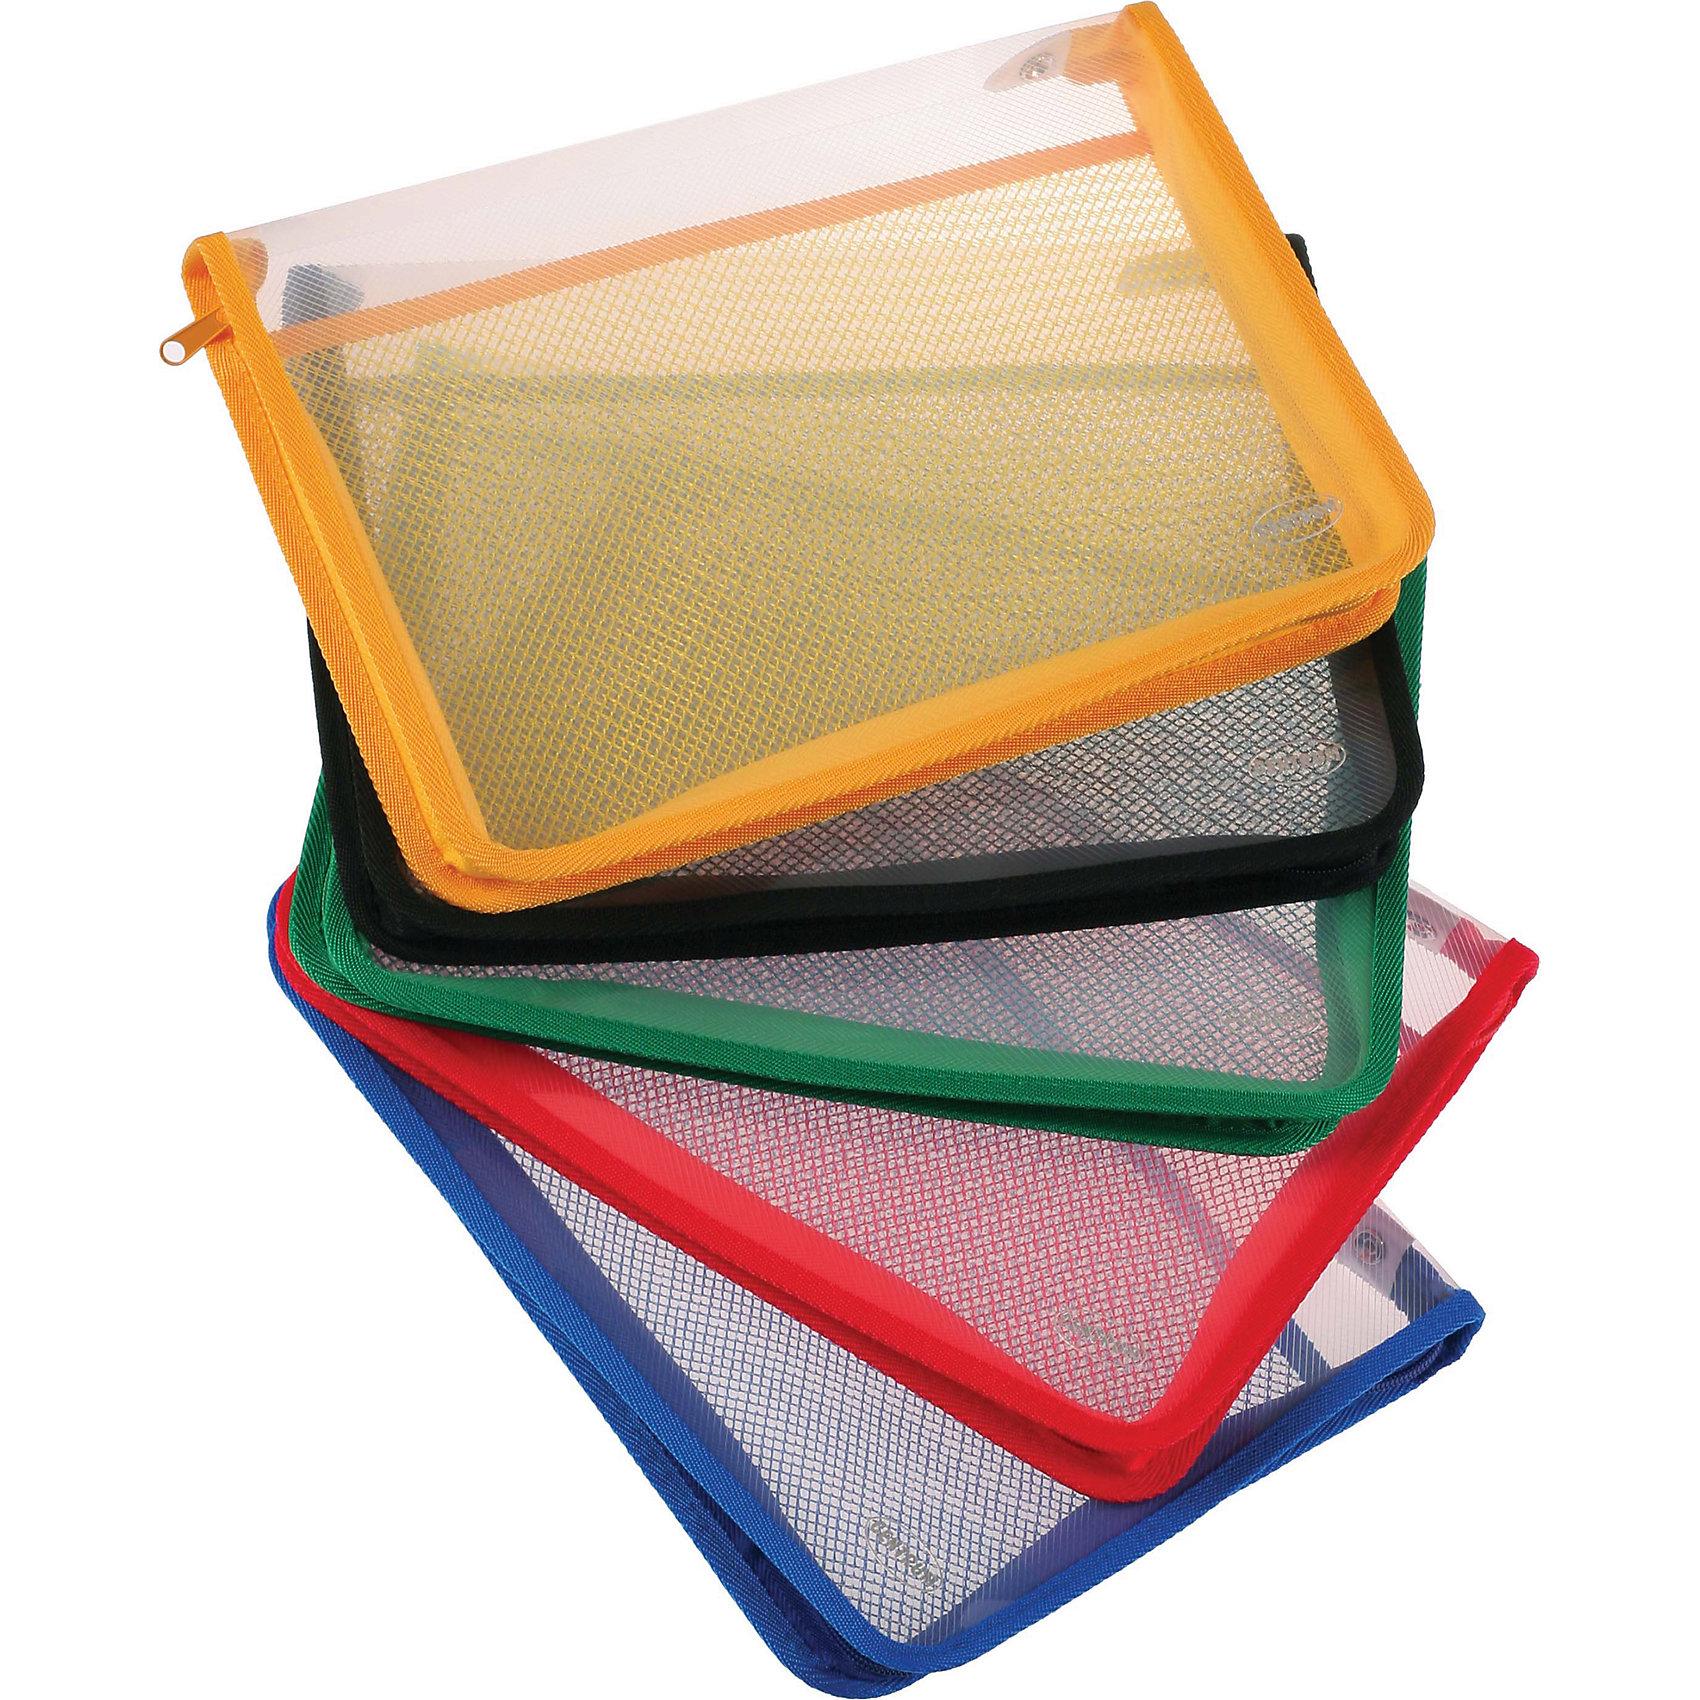 Centrum Папка пластиковая А4 на молнии, ассортиПапки для тетрадей<br>Пластиковая папка для тетрадей на молнии с внутренним карманом. Размер: 340х270х40 мм. Толщина пластика 0,45 мм. Цвета ассорти<br><br>Ширина мм: 3<br>Глубина мм: 245<br>Высота мм: 335<br>Вес г: 155<br>Возраст от месяцев: 72<br>Возраст до месяцев: 2147483647<br>Пол: Унисекс<br>Возраст: Детский<br>SKU: 6846704